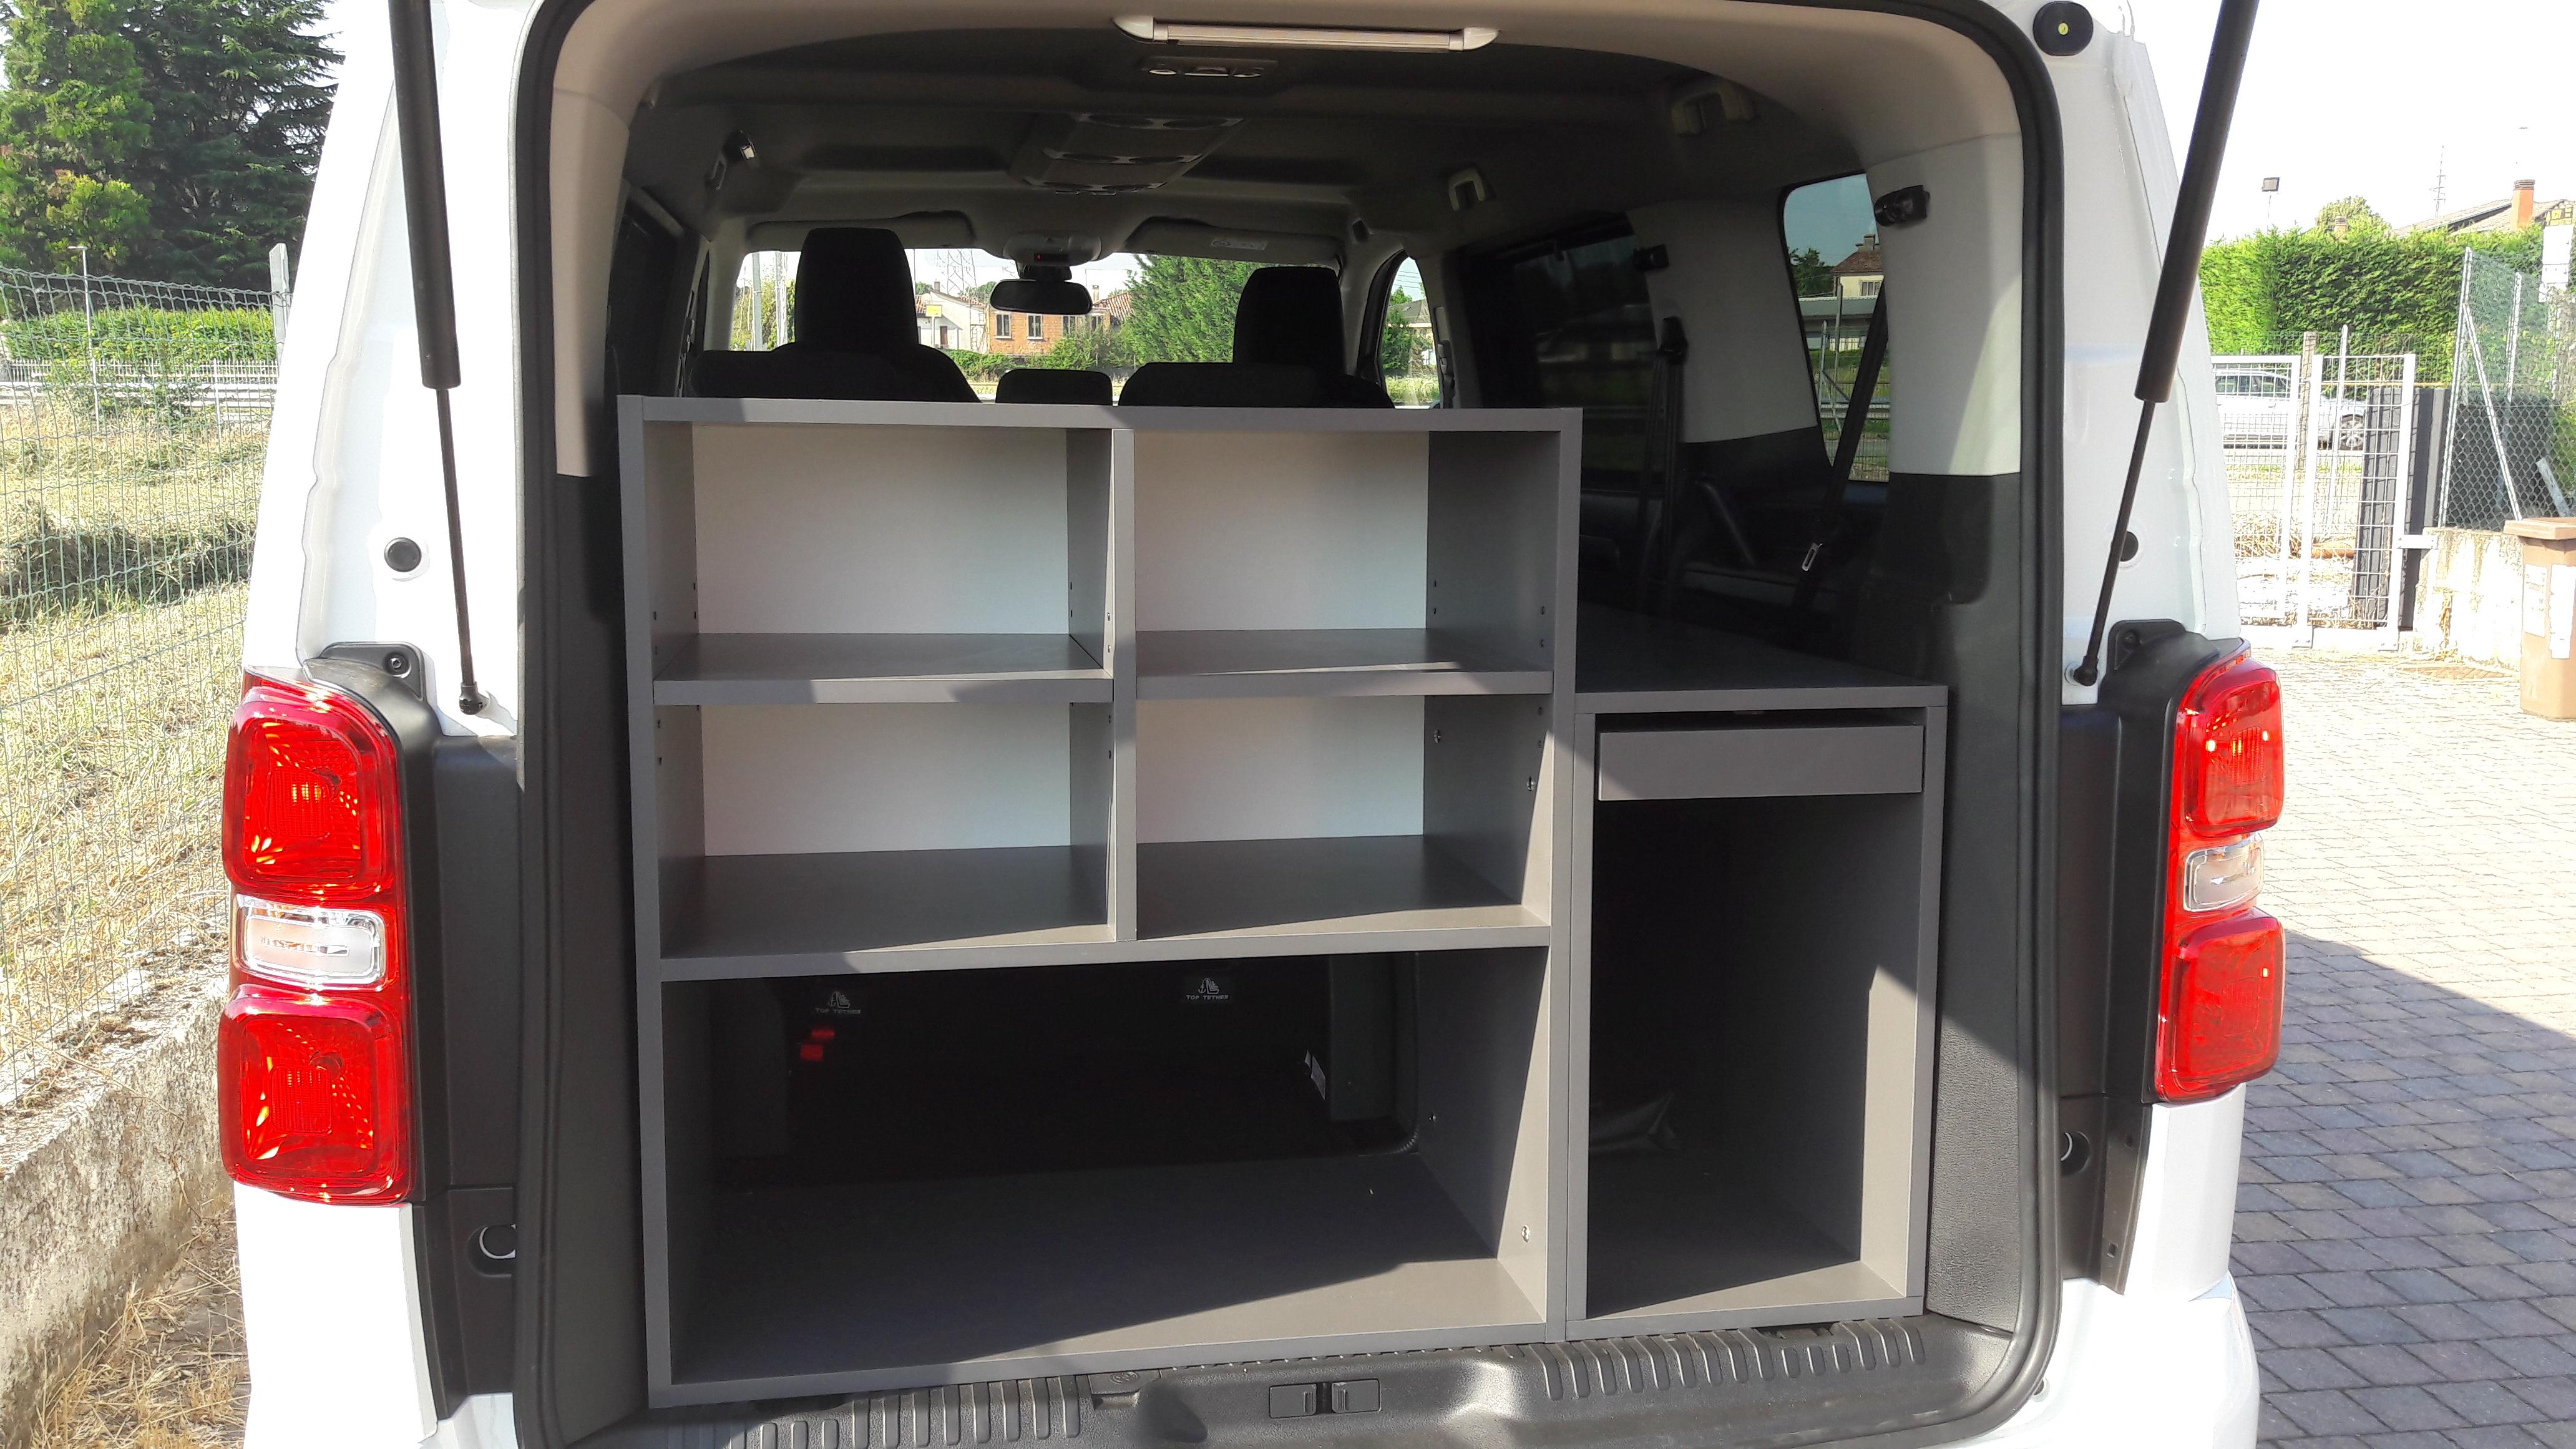 Sedia Ufficio Jeep : Poltroncine da ufficio interesting poltroncina con braccioli da